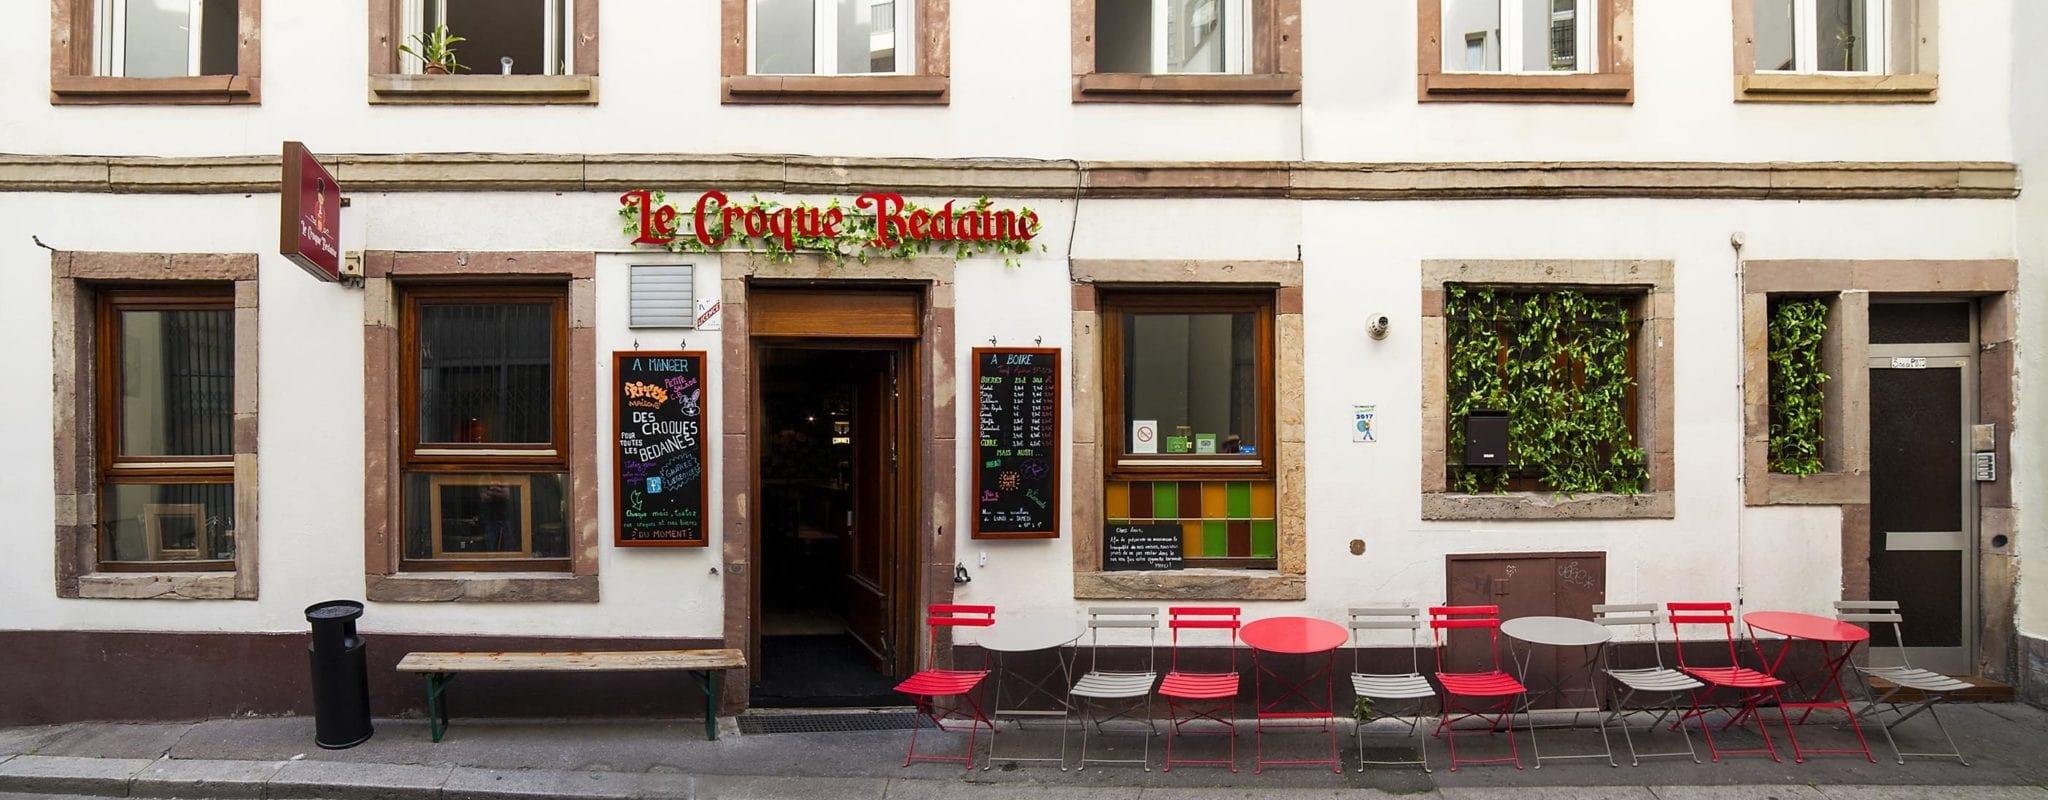 Expert en croque-monsieurs, Le Croque Bedaine va s'exporter à Toulon, Nice et Orléans